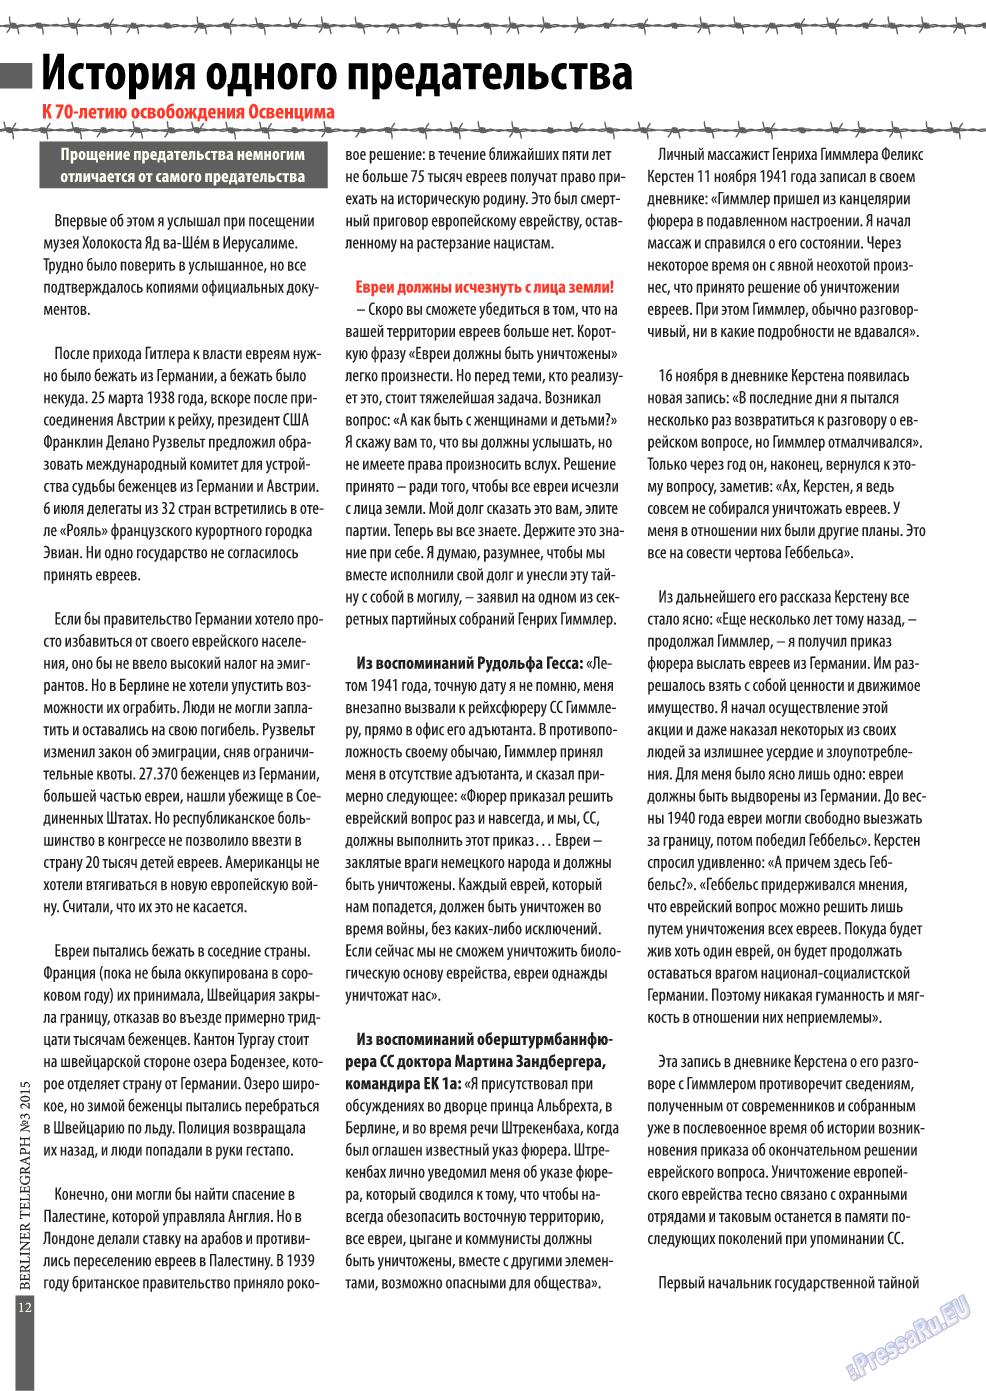 Берлинский телеграф (журнал). 2015 год, номер 3, стр. 12